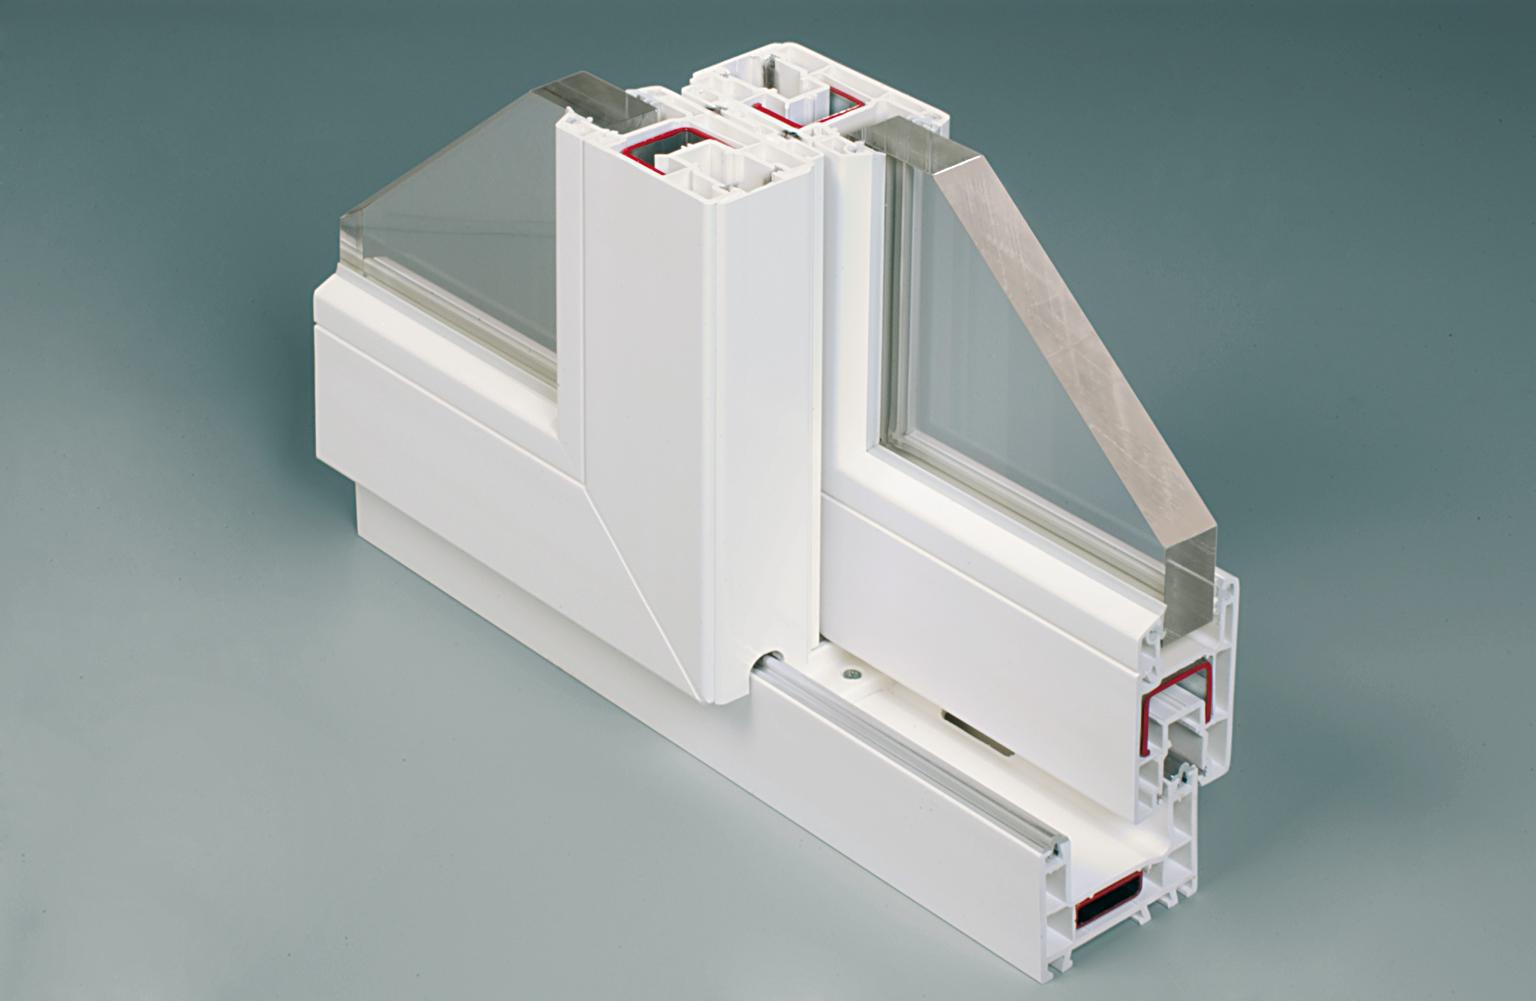 Carpinter as y energ a solar seg n sch co portal de for Carpinterias de aluminio en argentina